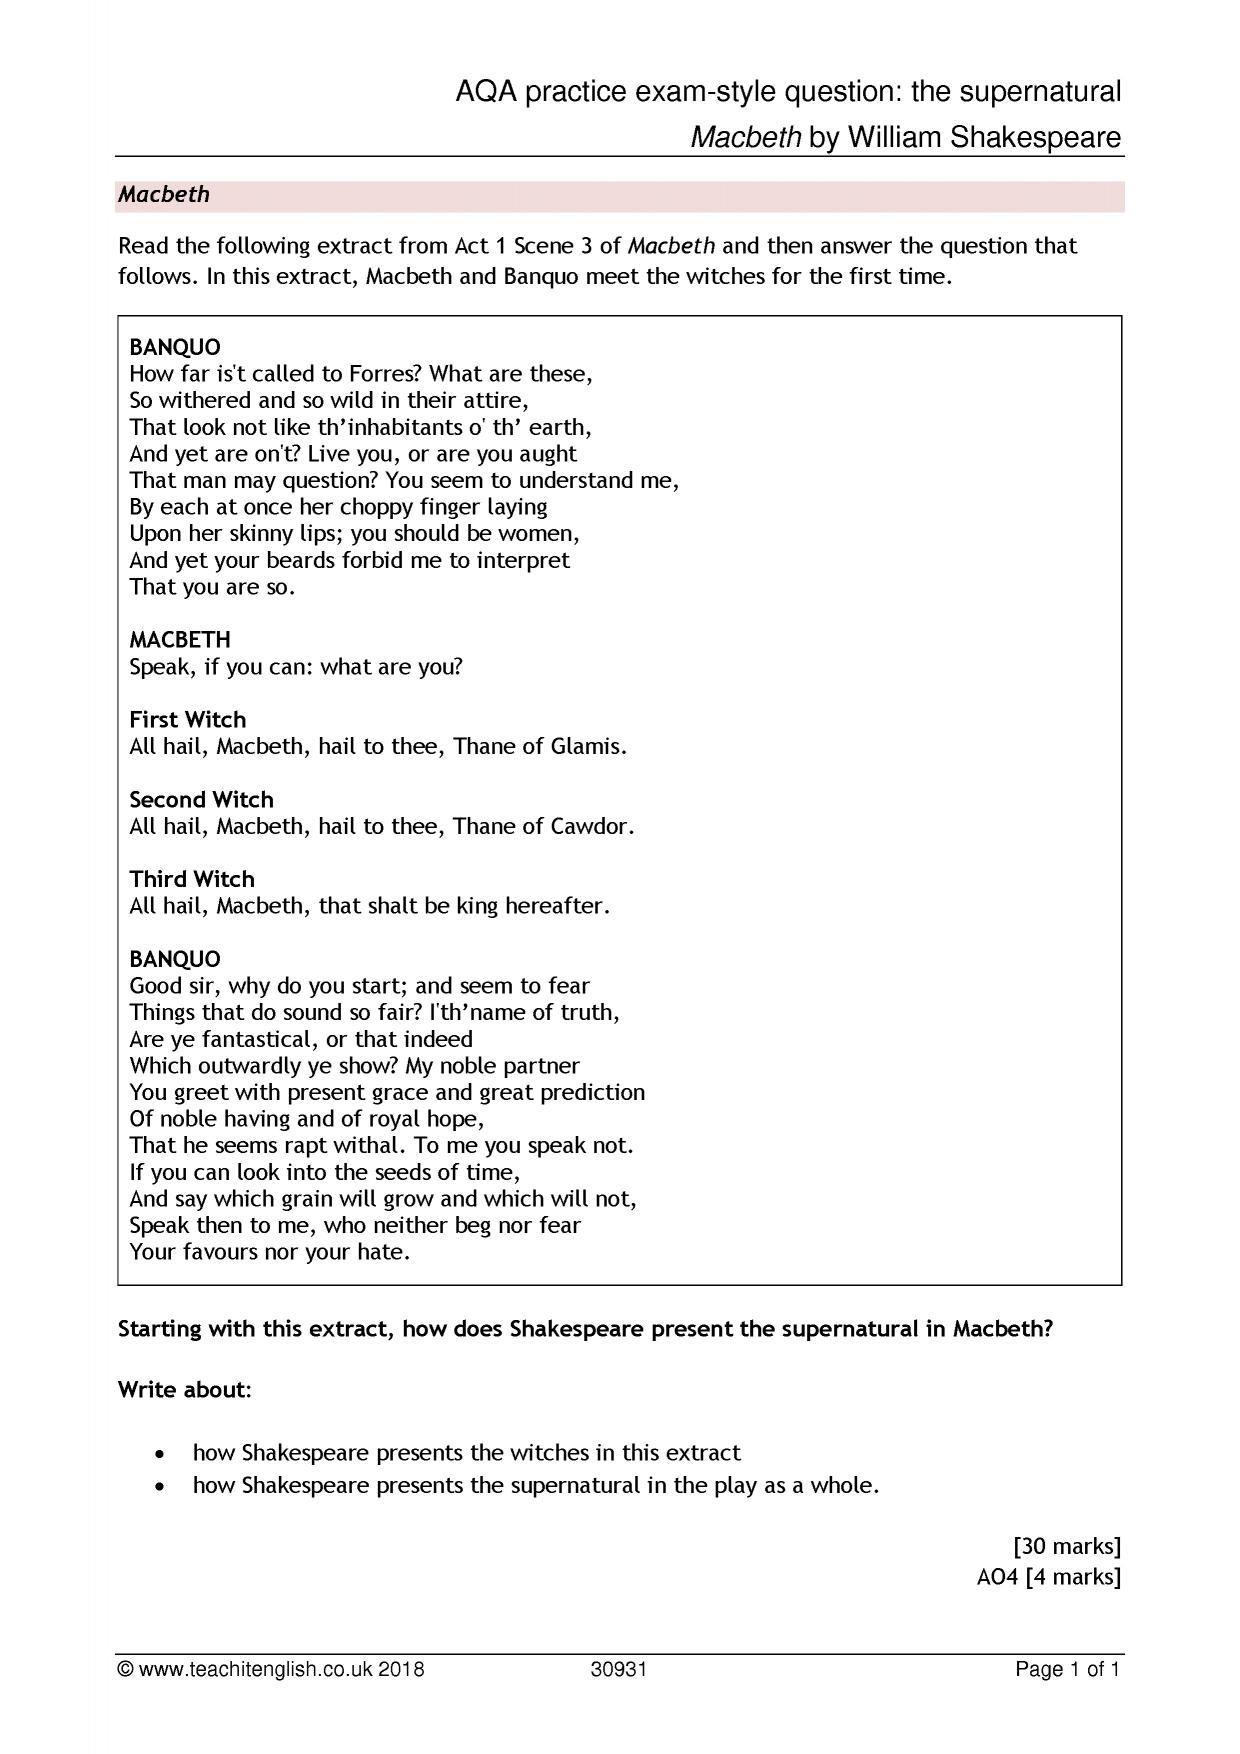 Macbeth essay question